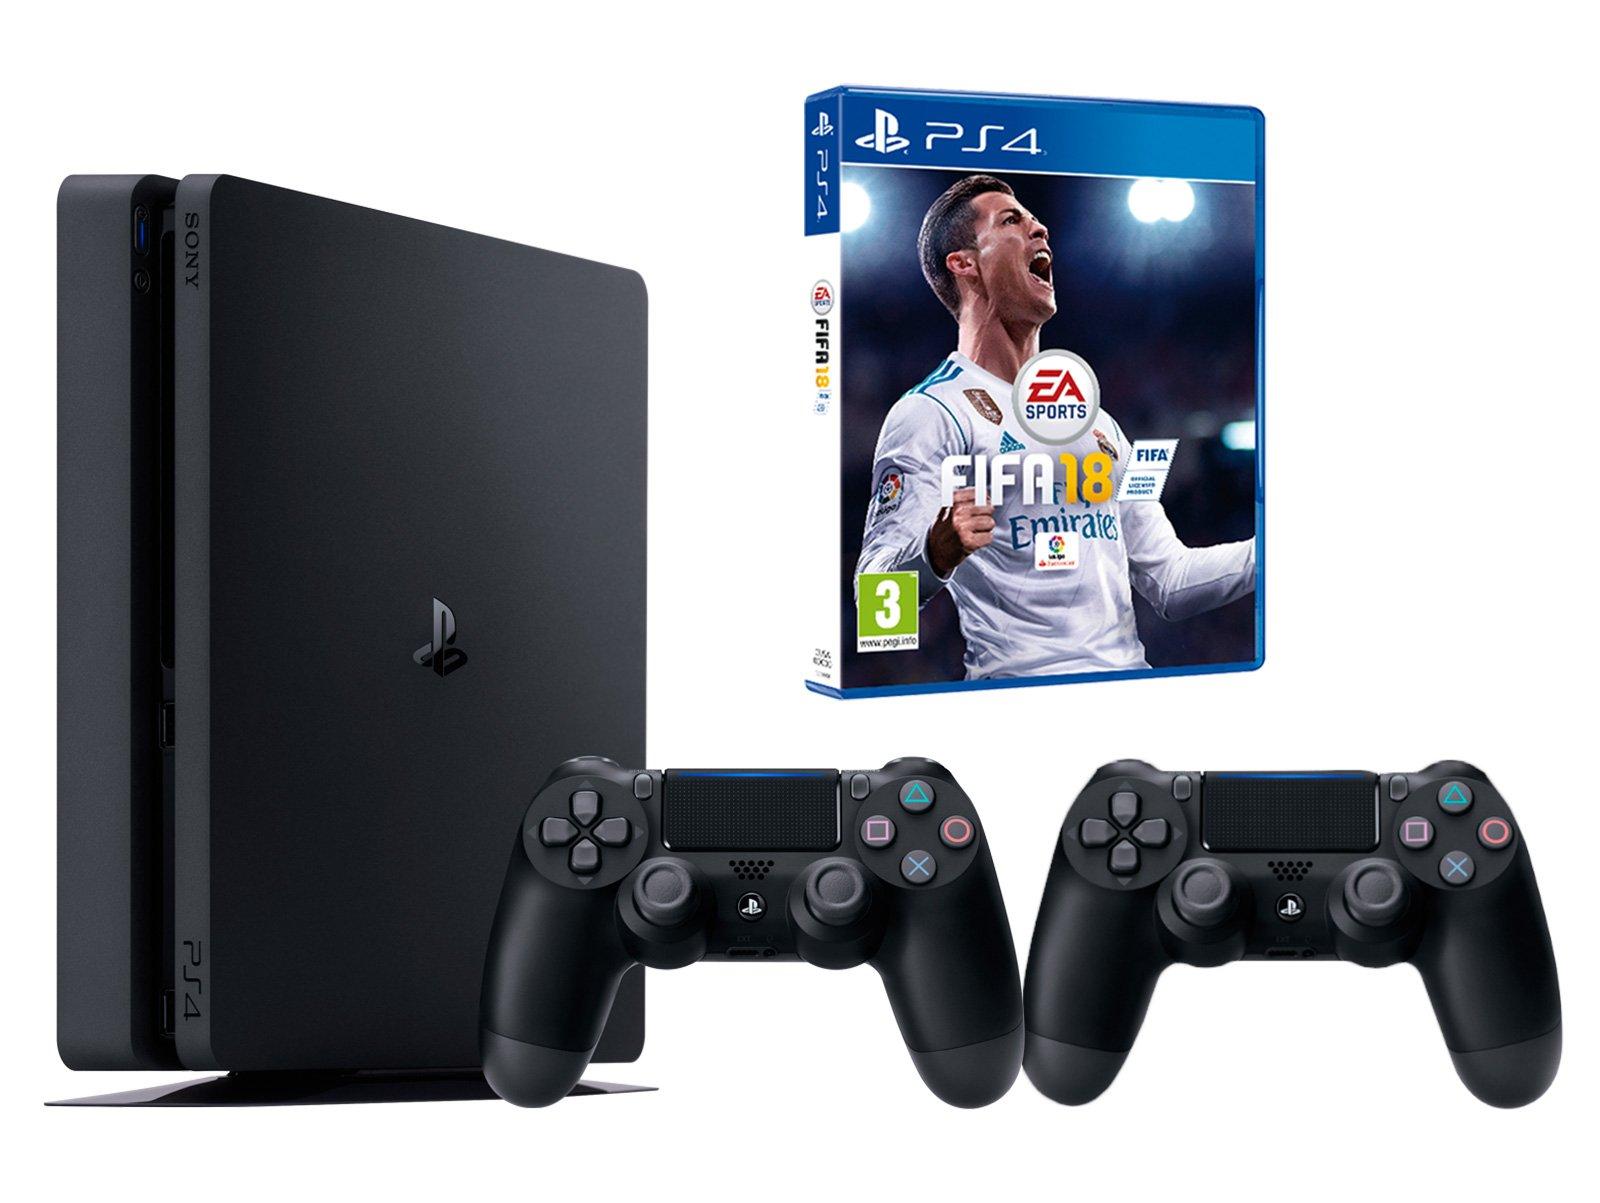 PS4 Slim 500 GB Negro Playstation 4 – FIFA 18 + 2 mandos DualShock 4: Amazon.es: Informática